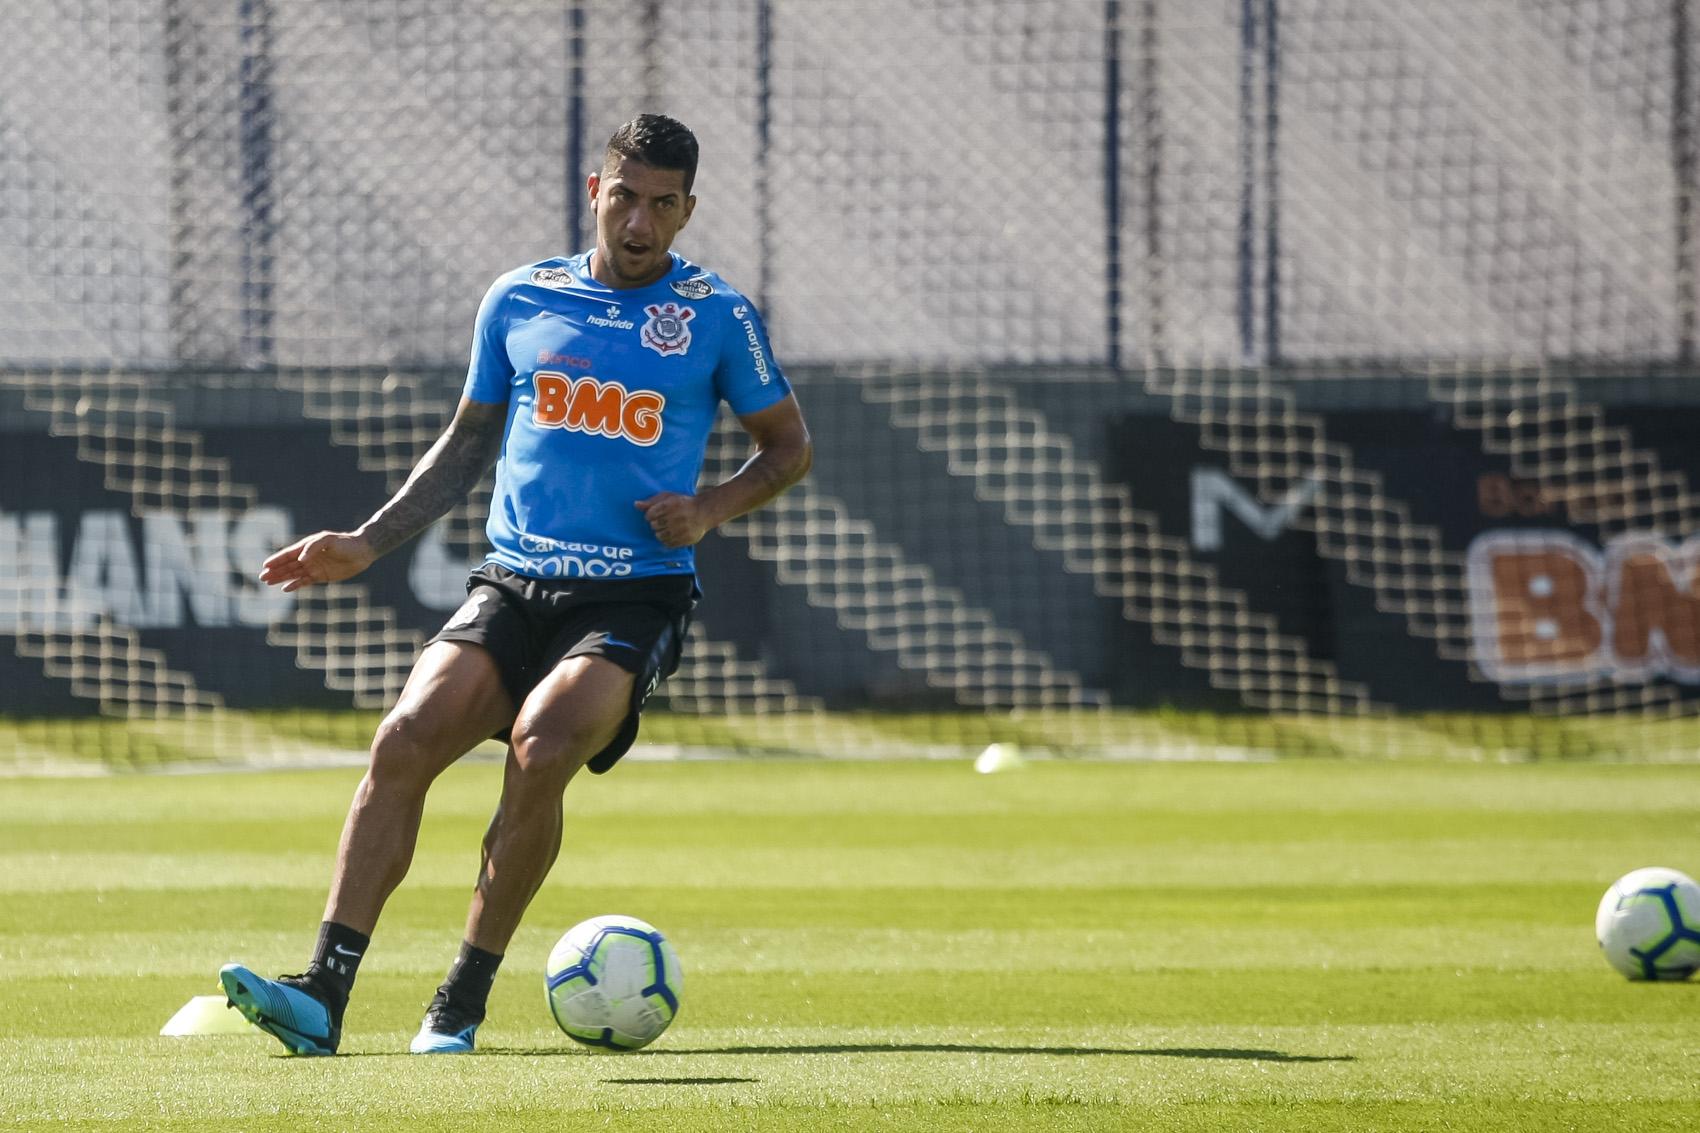 Equipe treina nesta sexta-feira em São Paulo. Foto: Foto: Rodrigo Gazzanel / Agência Corinthians